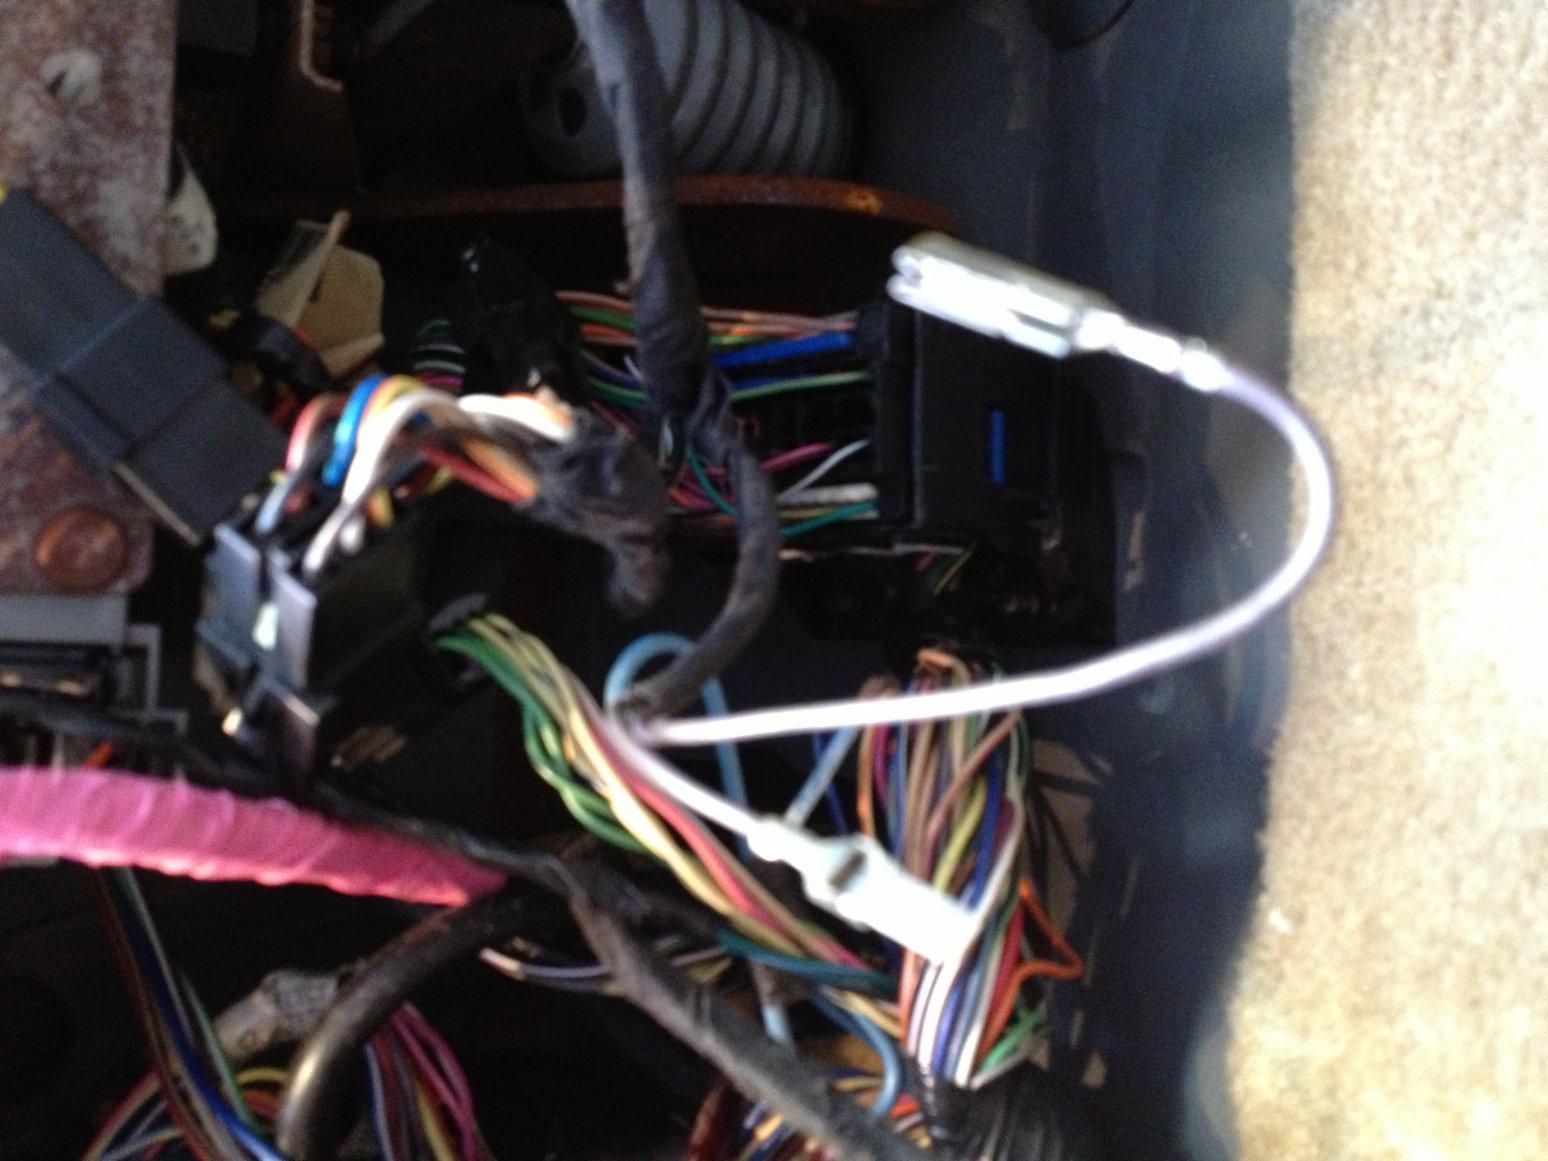 wire2.jpg